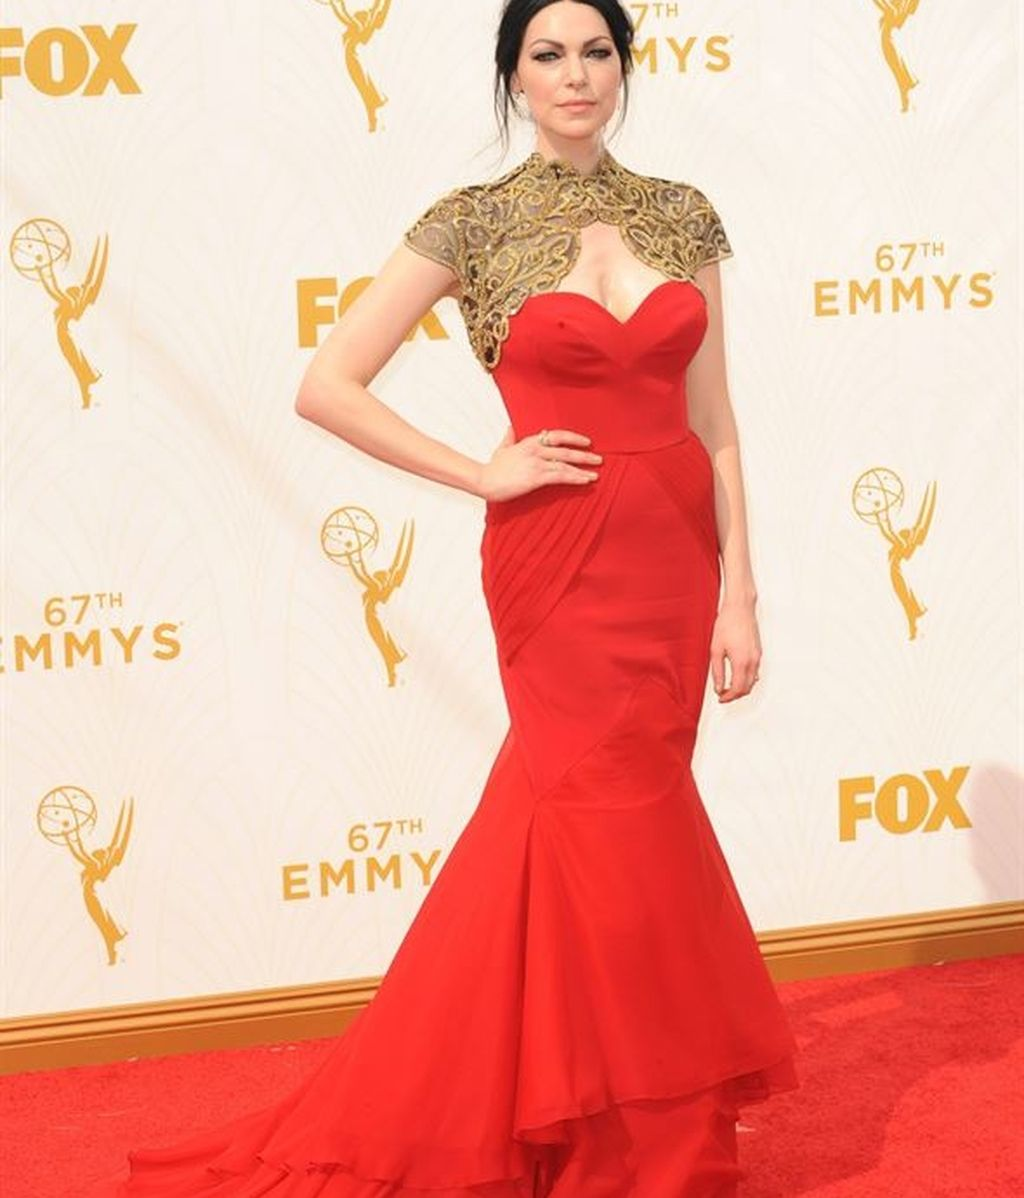 Actrices y modelos desfilaron por la alfombra roja con sus mejores galas